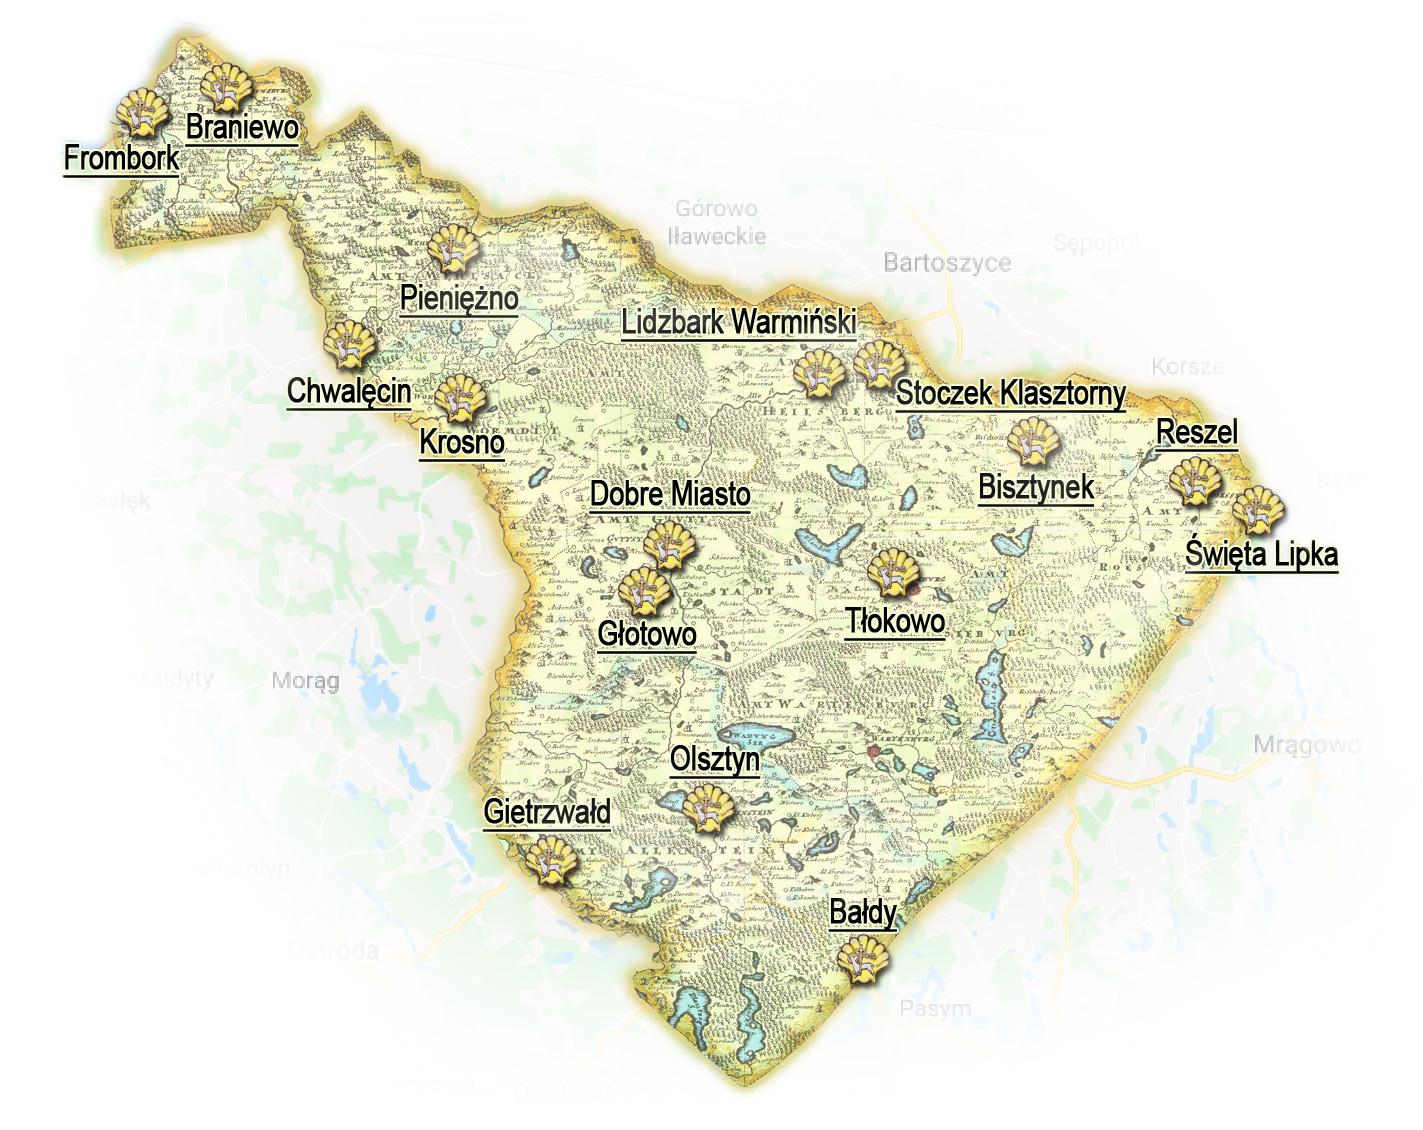 http://m.wm.pl/2020/06/orig/s-zwie-eta-warmia-mapka-630981.jpg